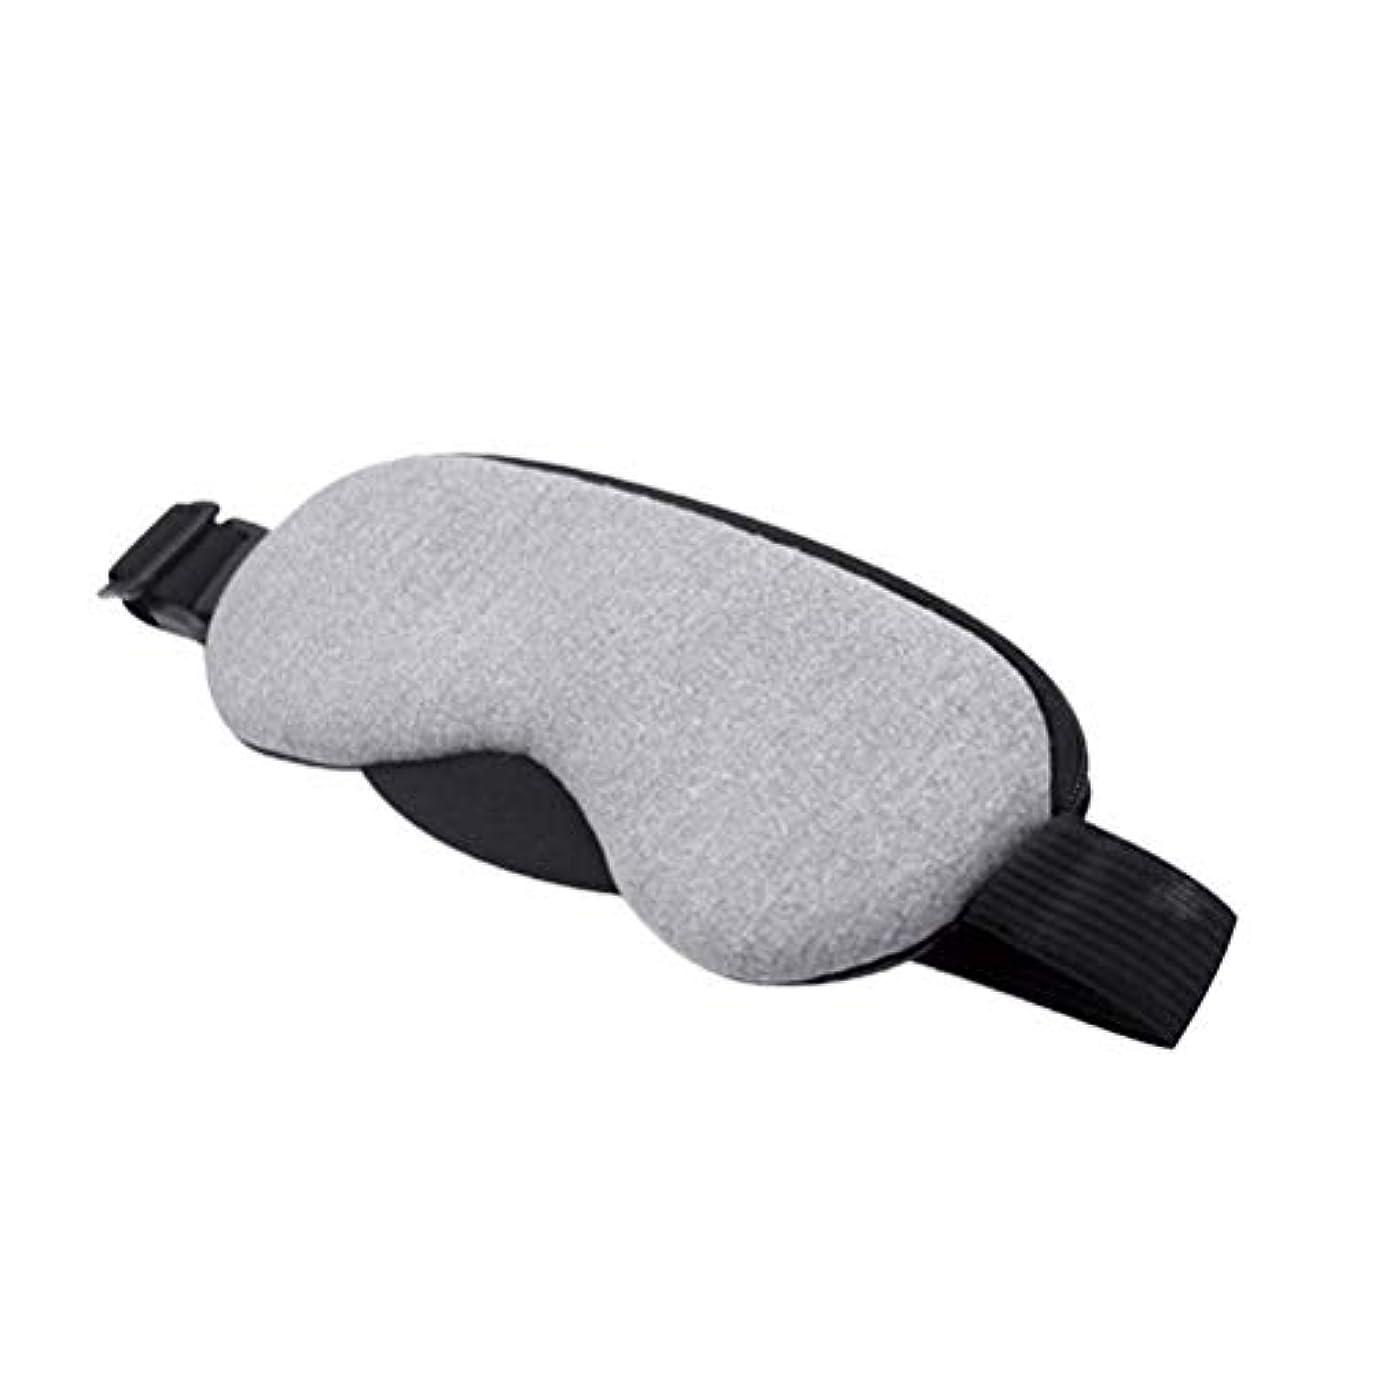 間違えたバルク保持Healifty アイマスク 蒸気ホットアイマスク USB 加熱式 スリーピングアイマスク 温度とタイミング制御 吹き出物/乾燥/疲れた目(灰色)